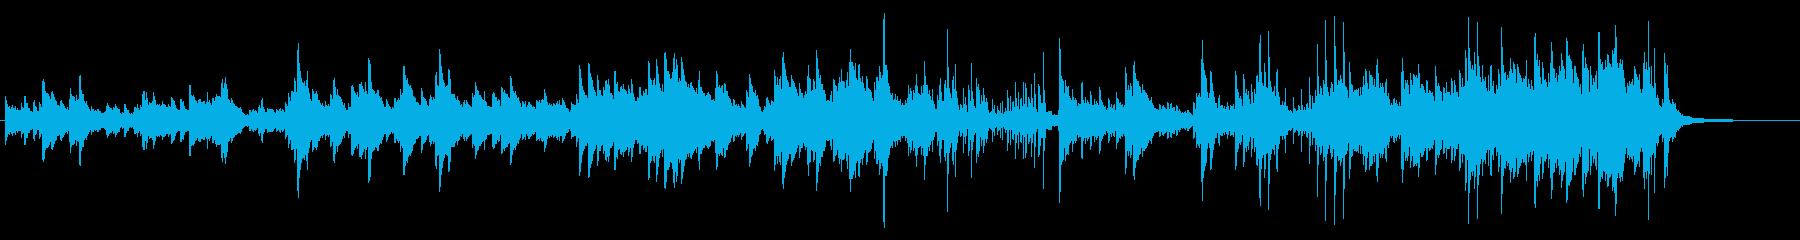 ピアノ 風景 映像 ラウンジの再生済みの波形